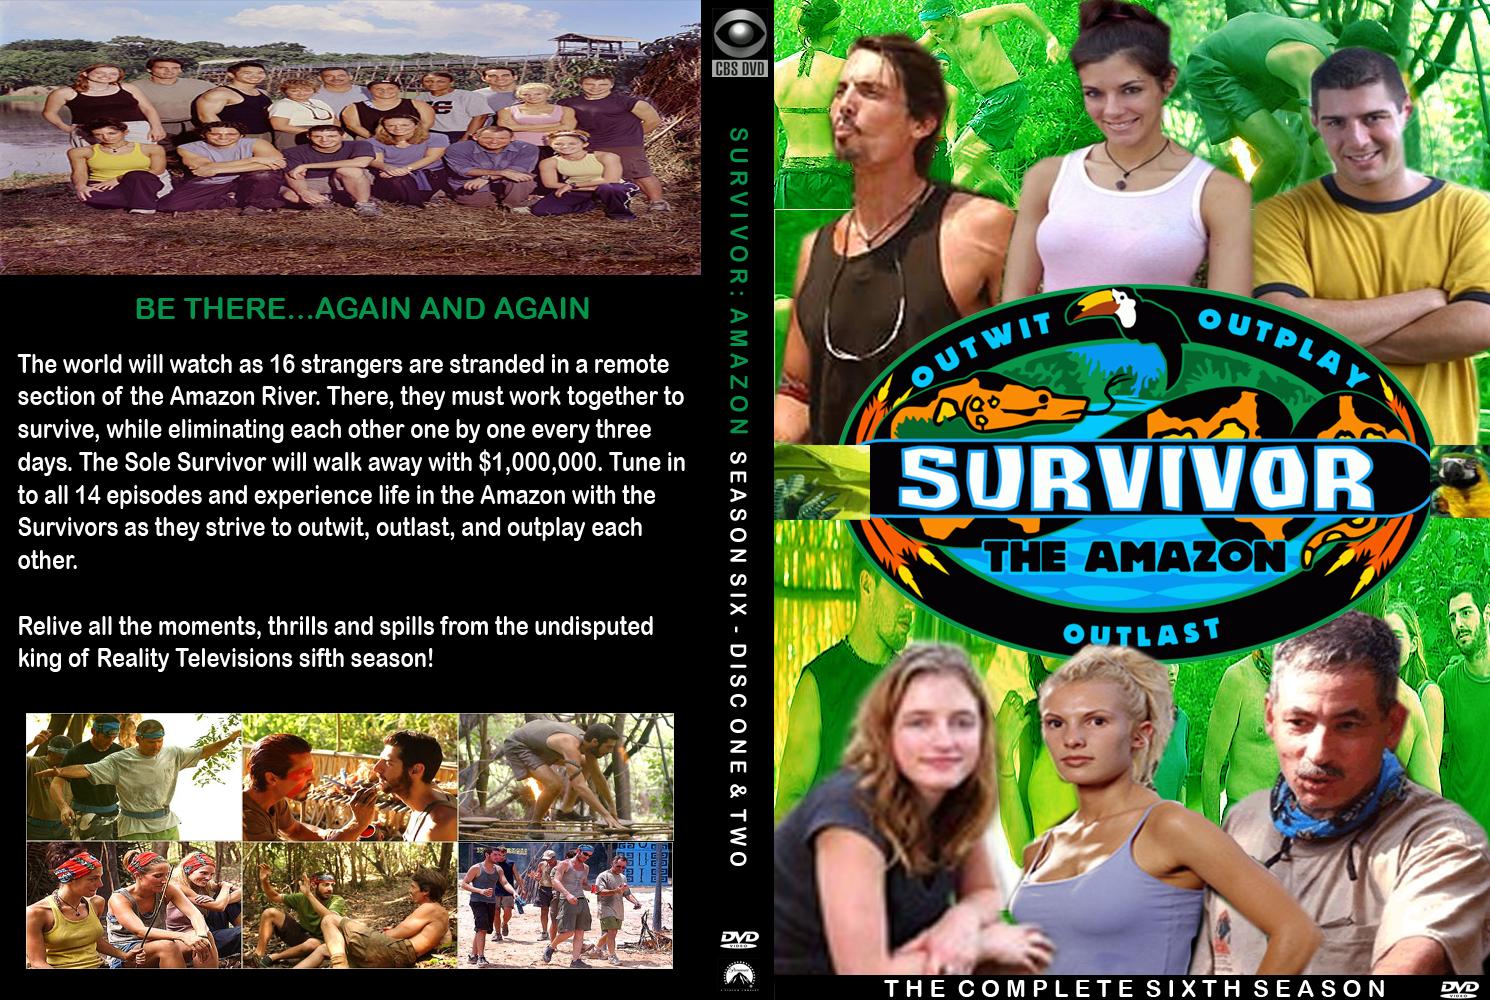 Survivor Amazon DVD Cover by NYC55david